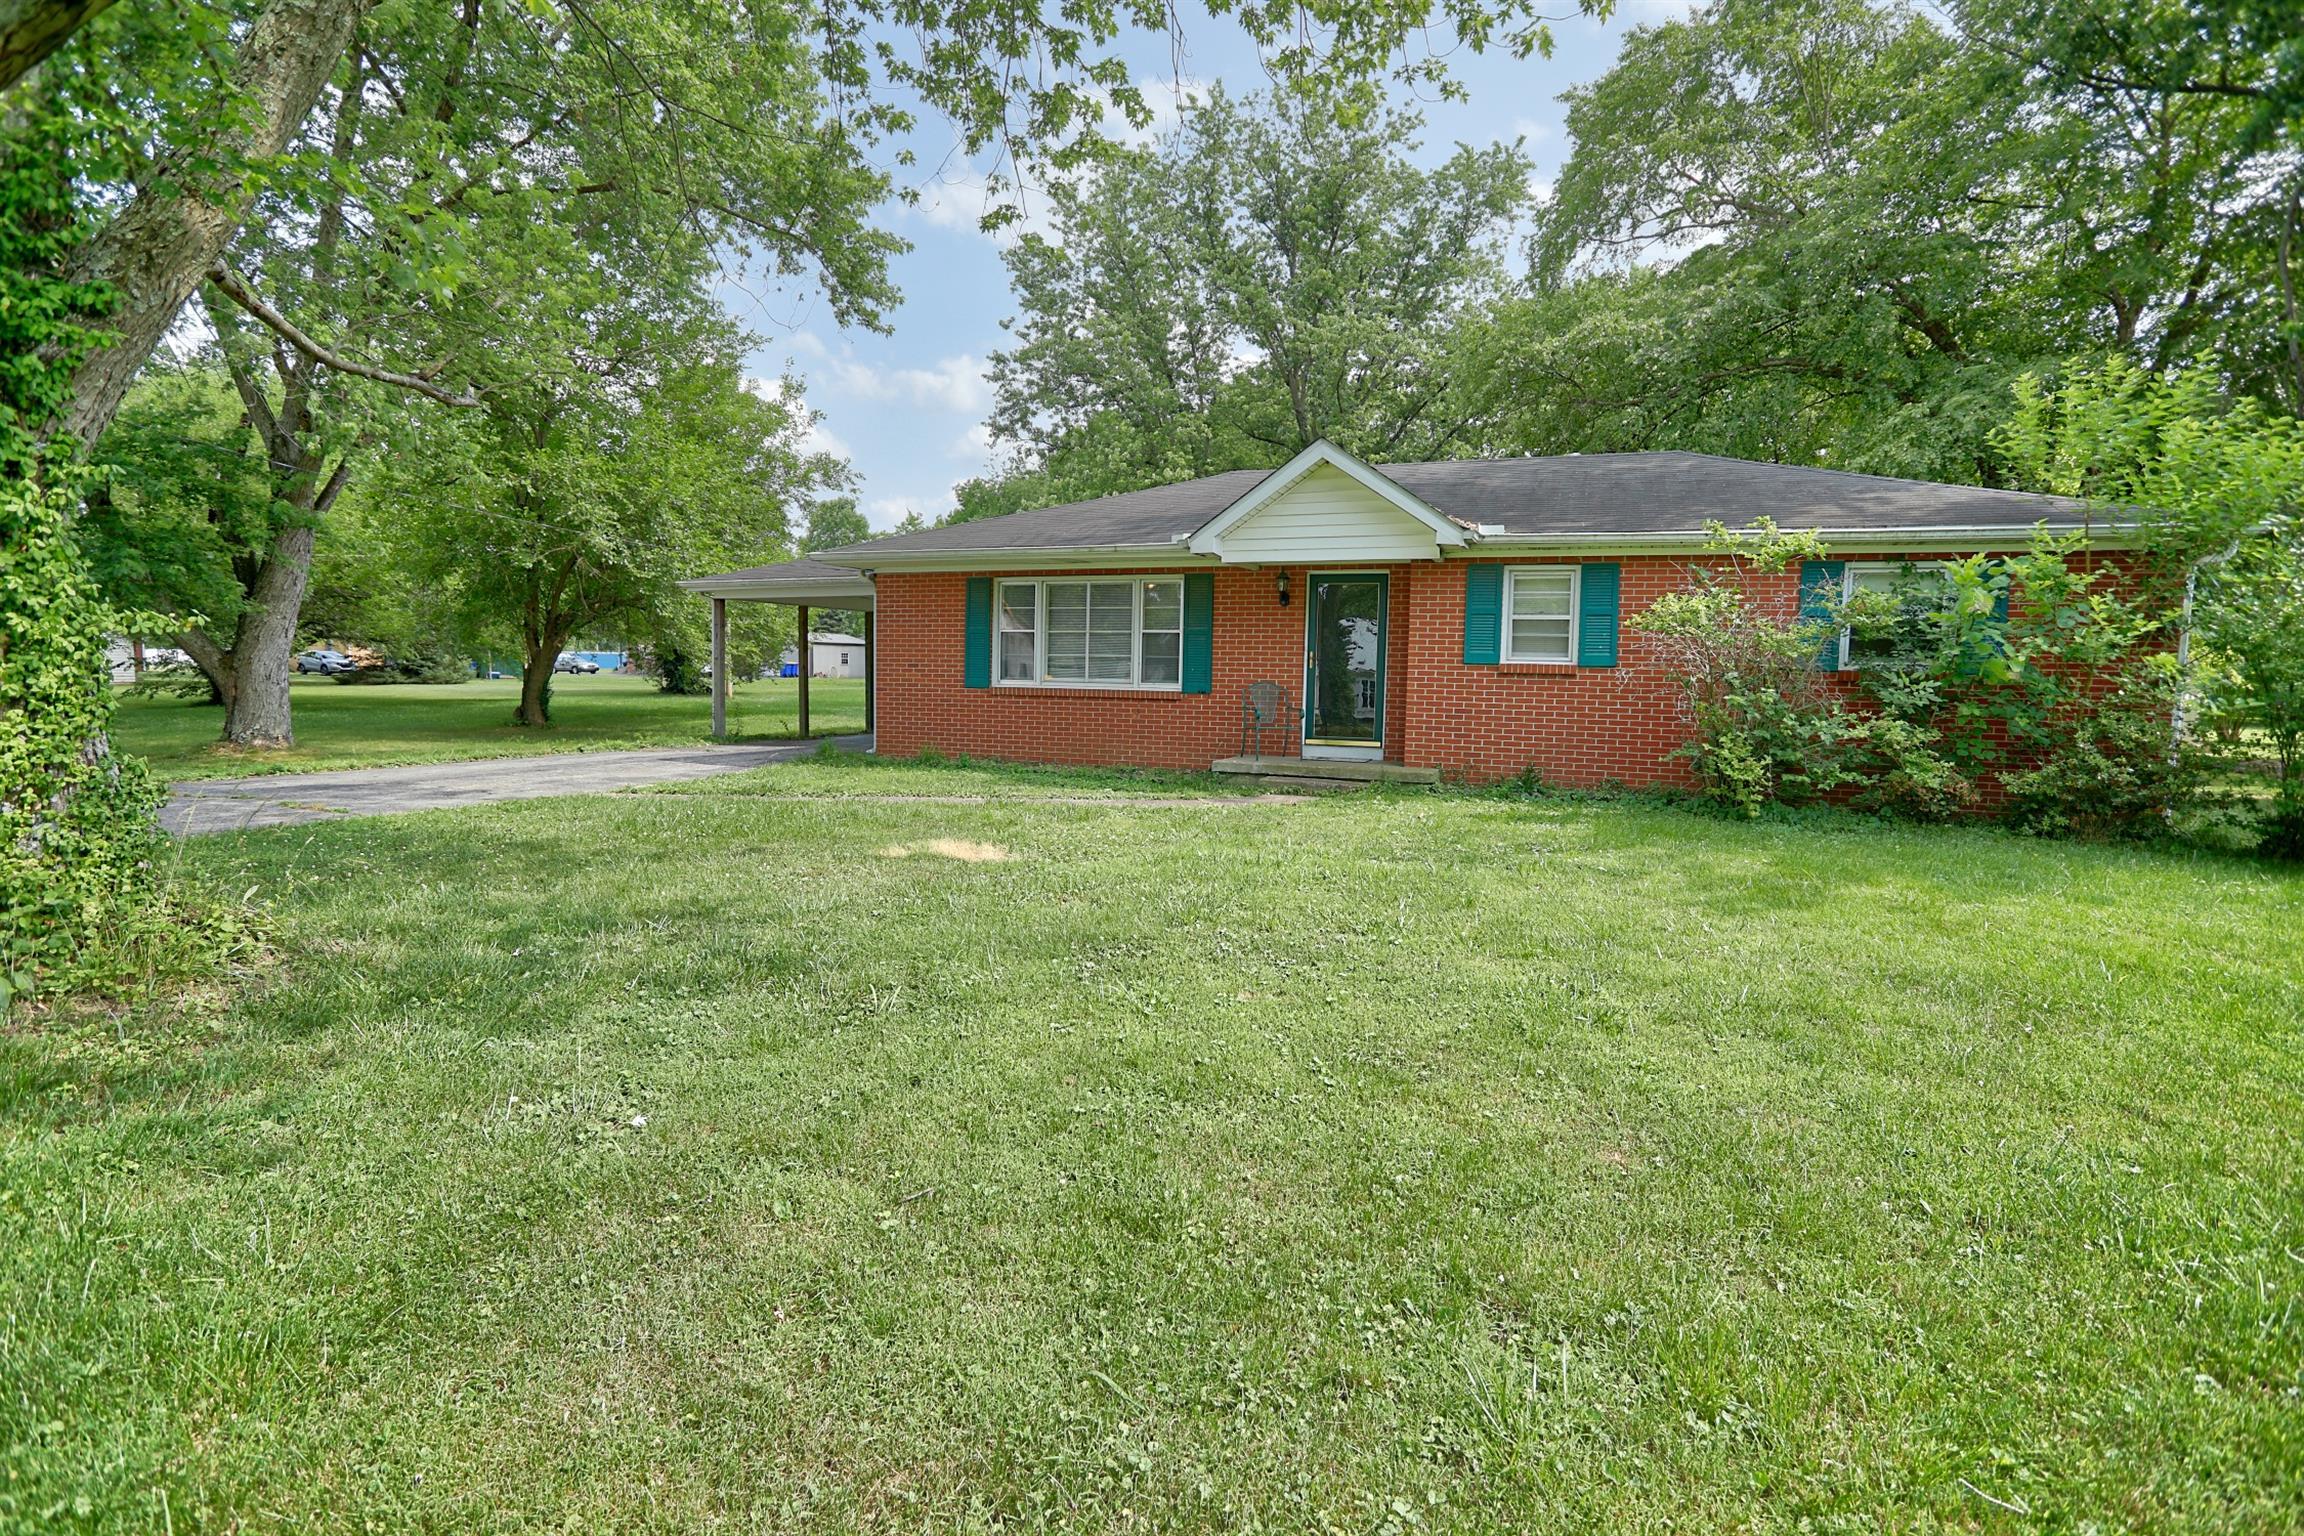 507 Brooks Ave, Franklin, KY 42134 - Franklin, KY real estate listing